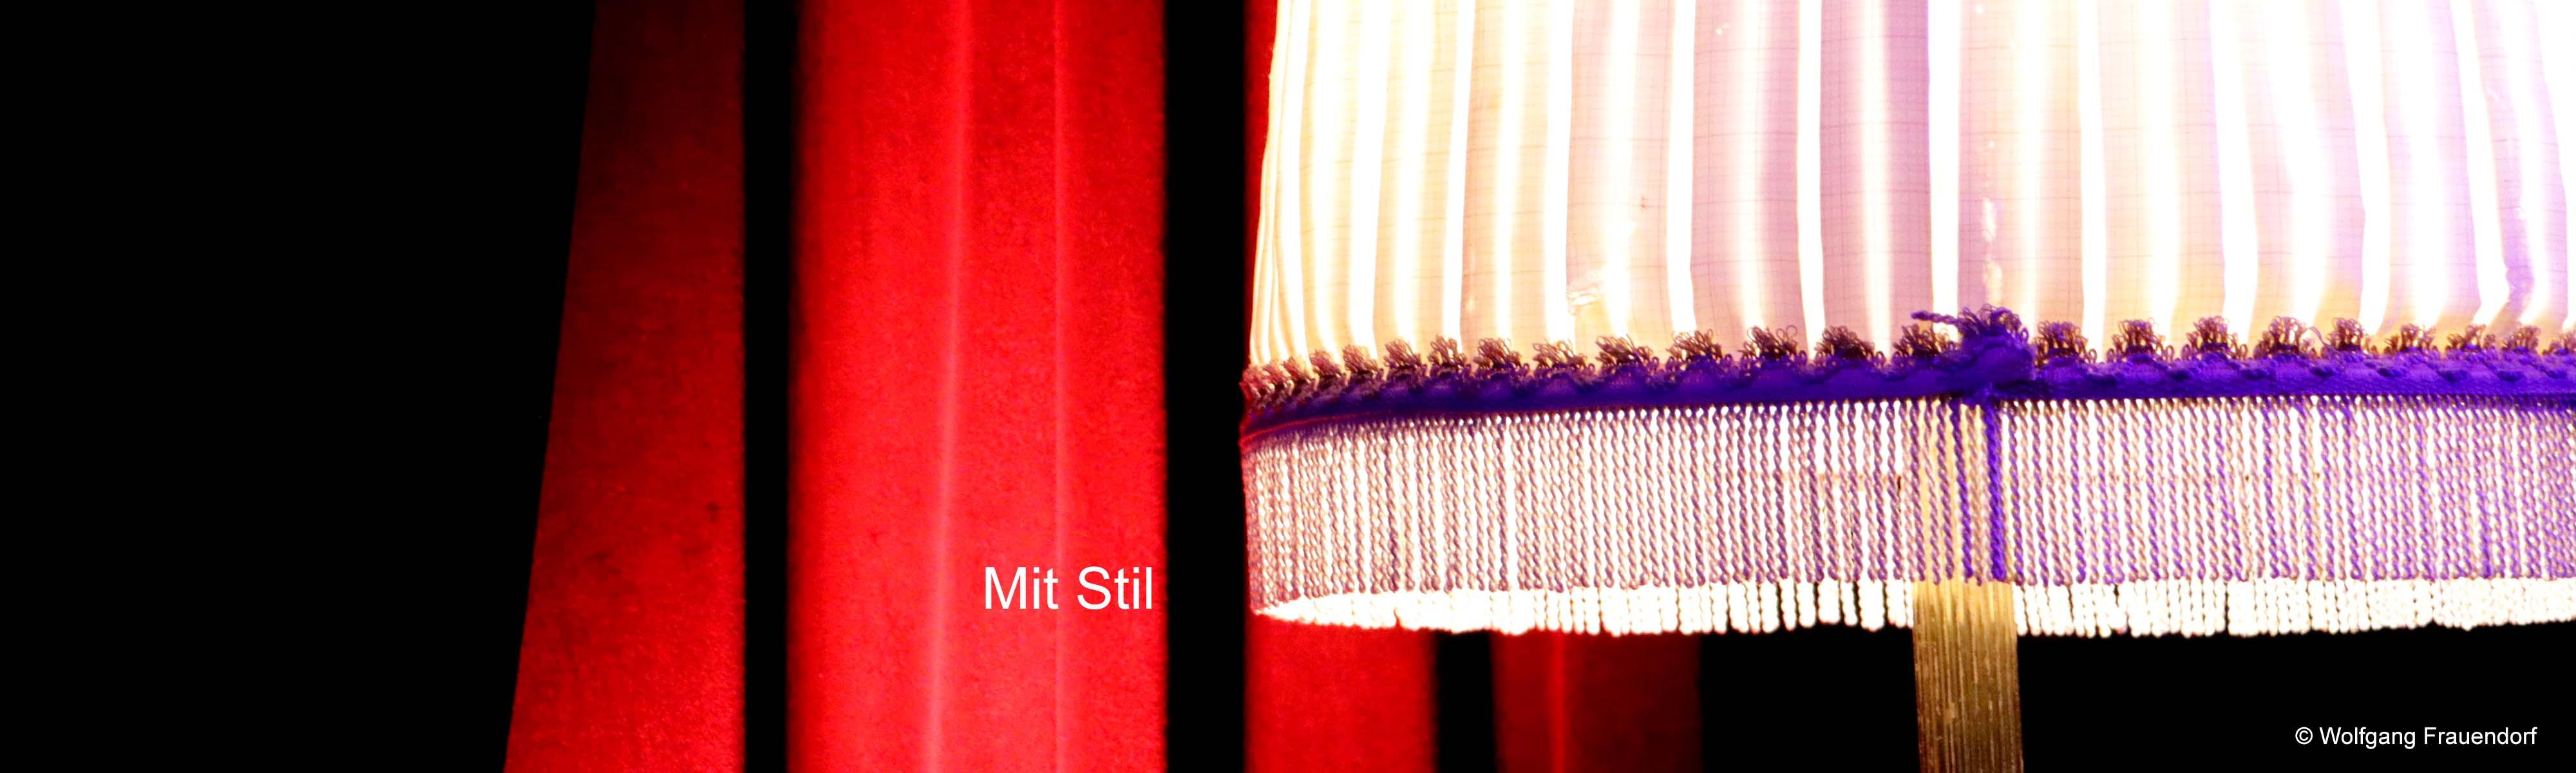 Slider Start - Lampe